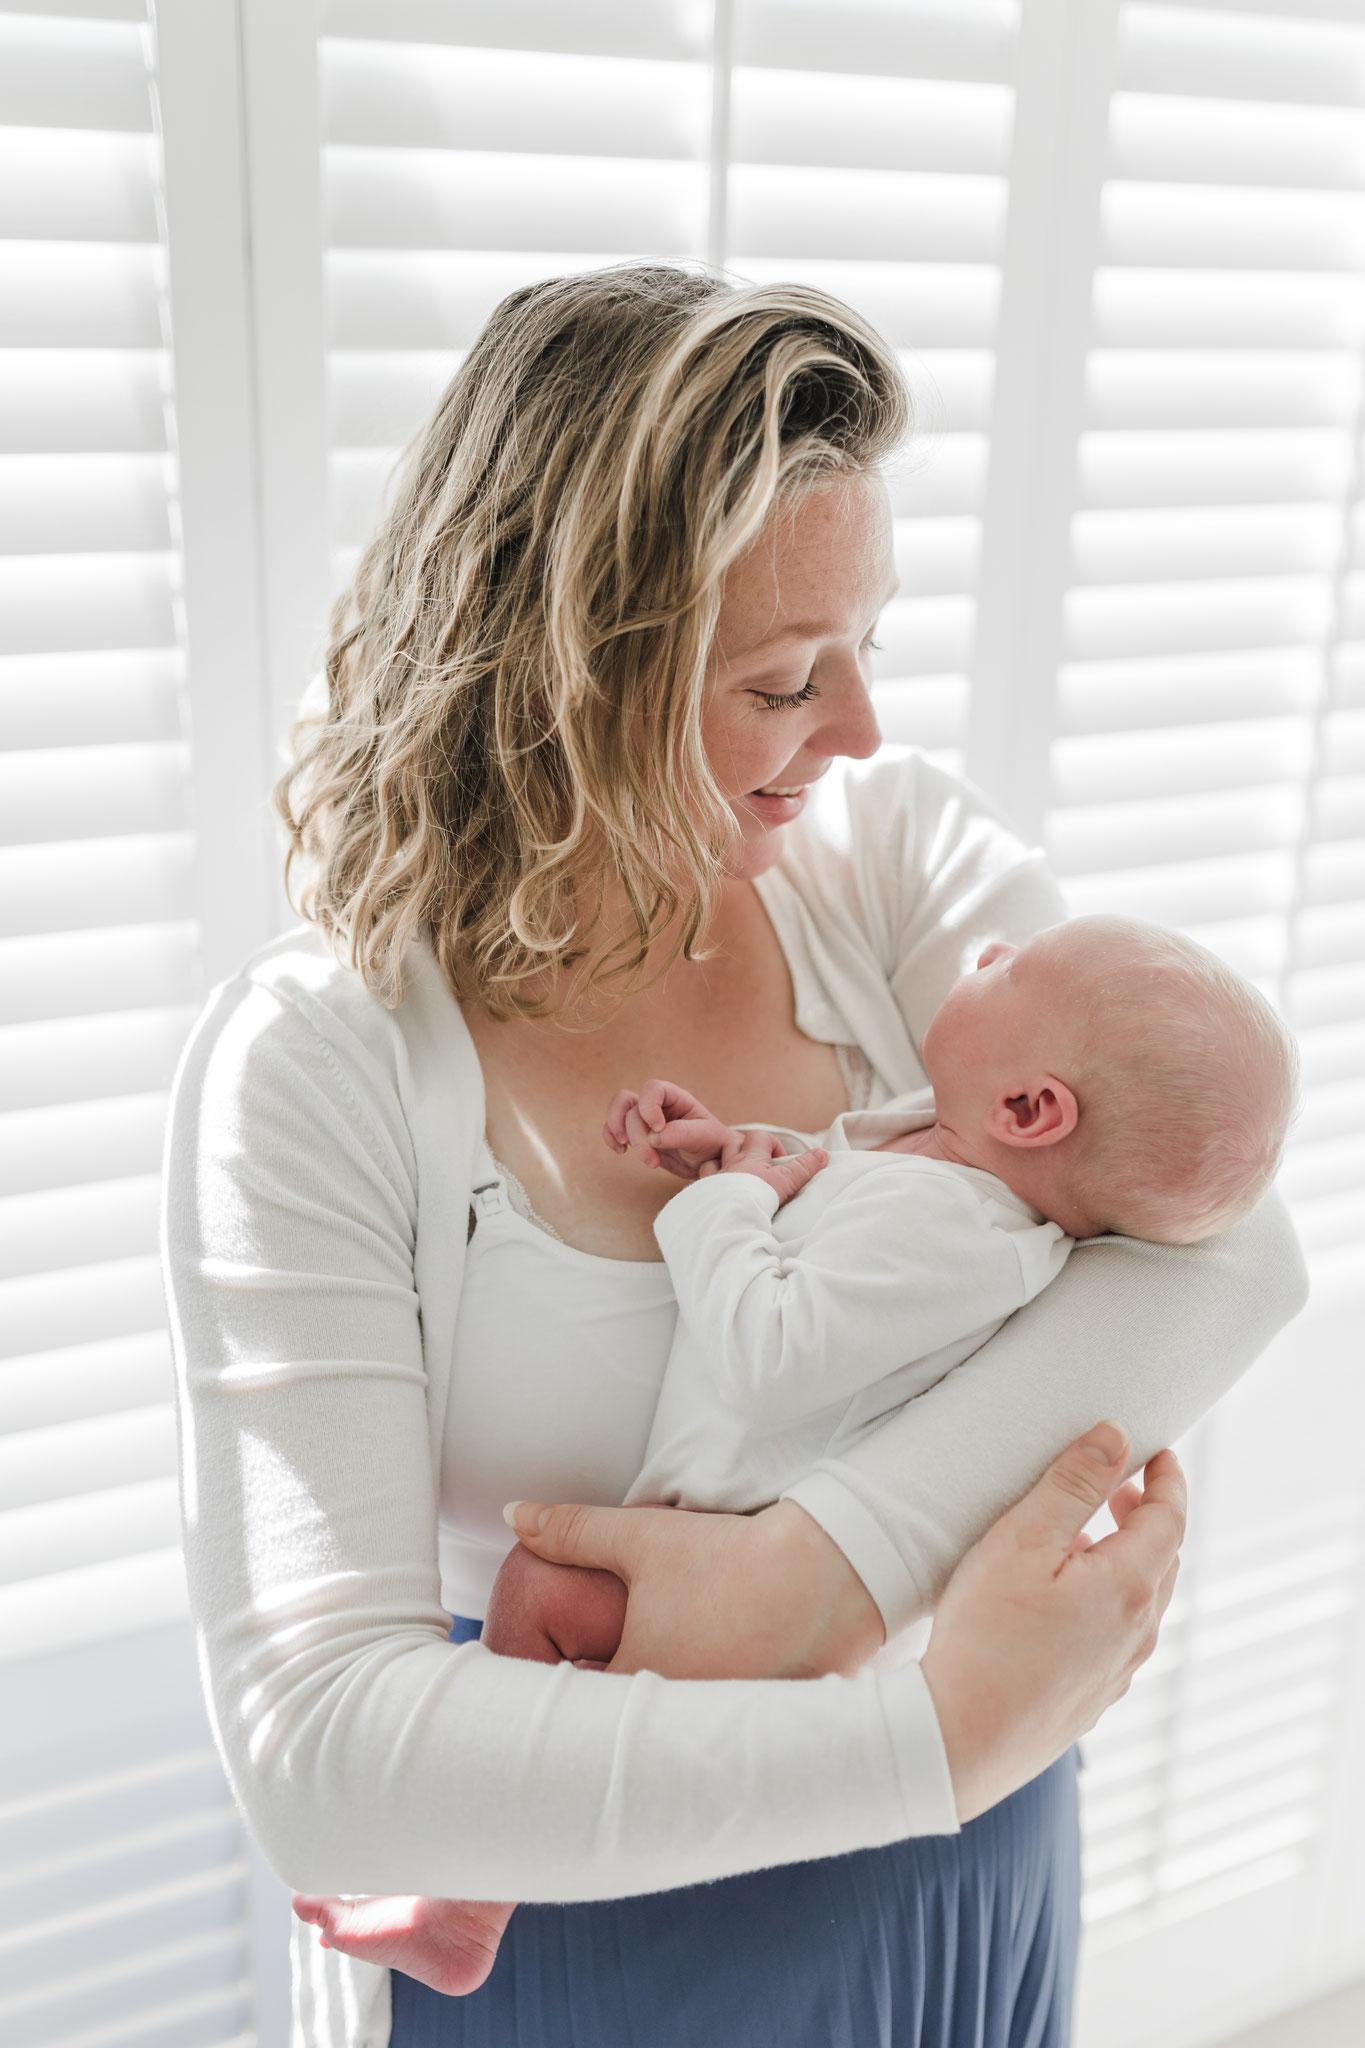 newbornshoot, newbornfotoshoot, baby fotografie, Fotograaf Alkmaar, Heerhugowaard, Schagen, Elles Anne Fotografie